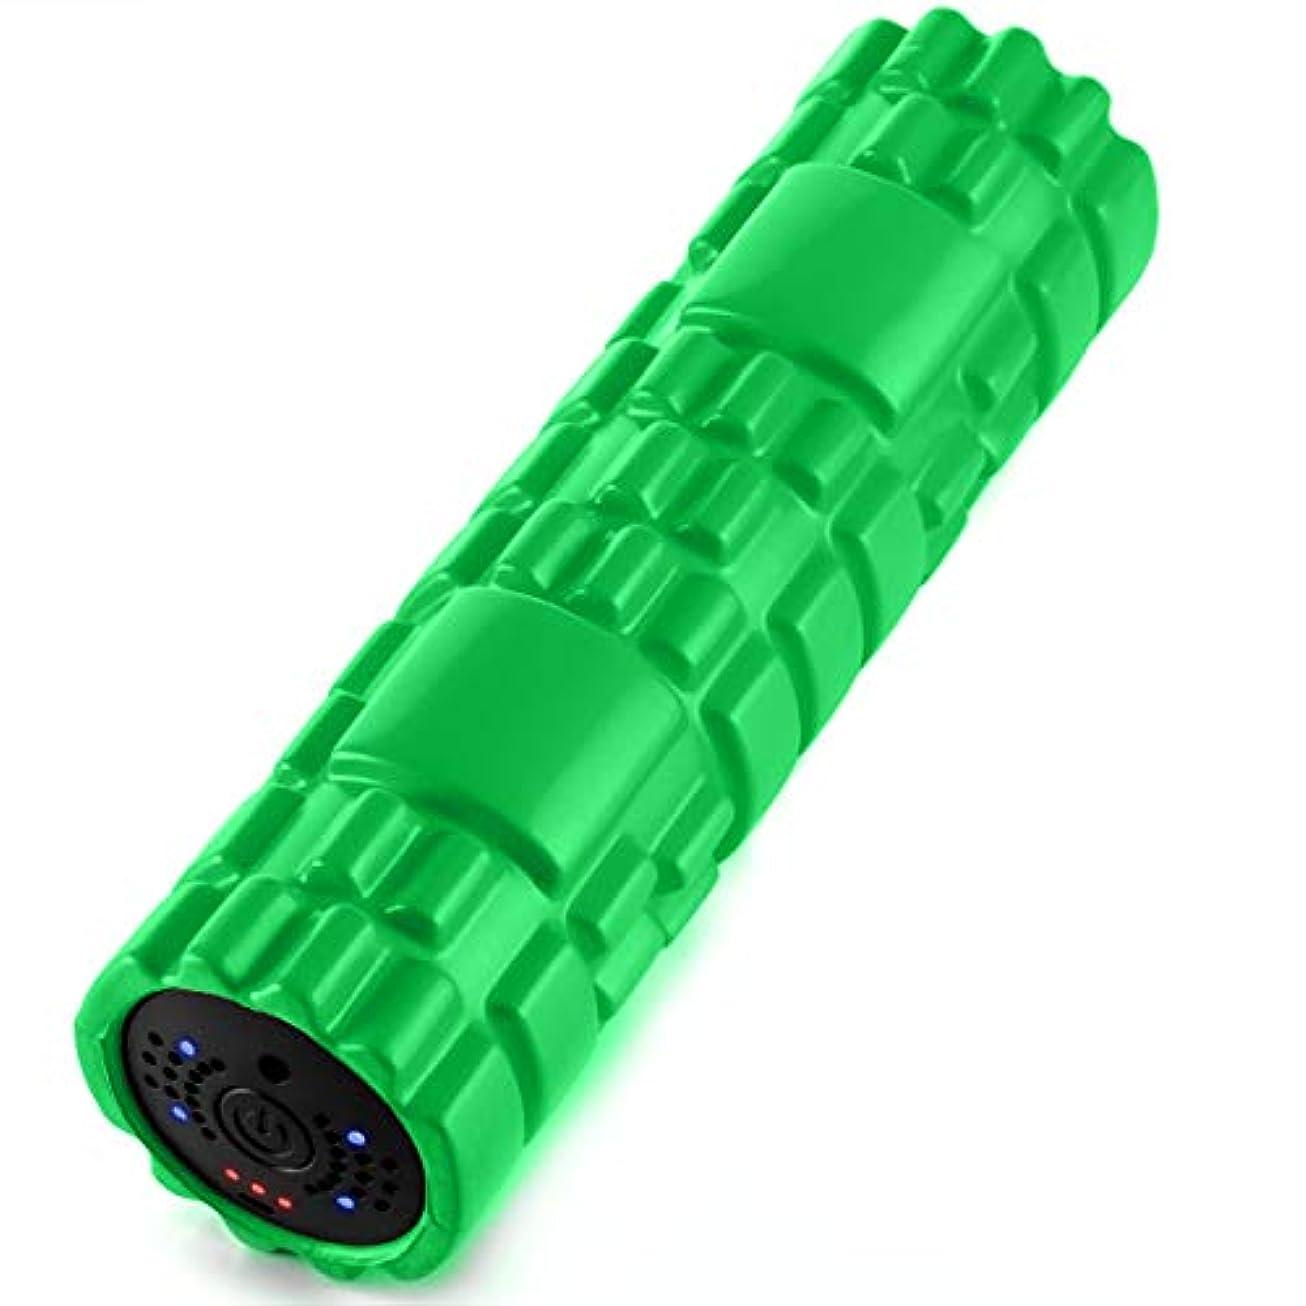 規則性口径リーダーシップSUVIUS Medium Vibrating Foam Roller – 4強度レベルFirm for battery-powered Deep Tissueリカバリ、トレーニング、マッサージ – Therapeutic...